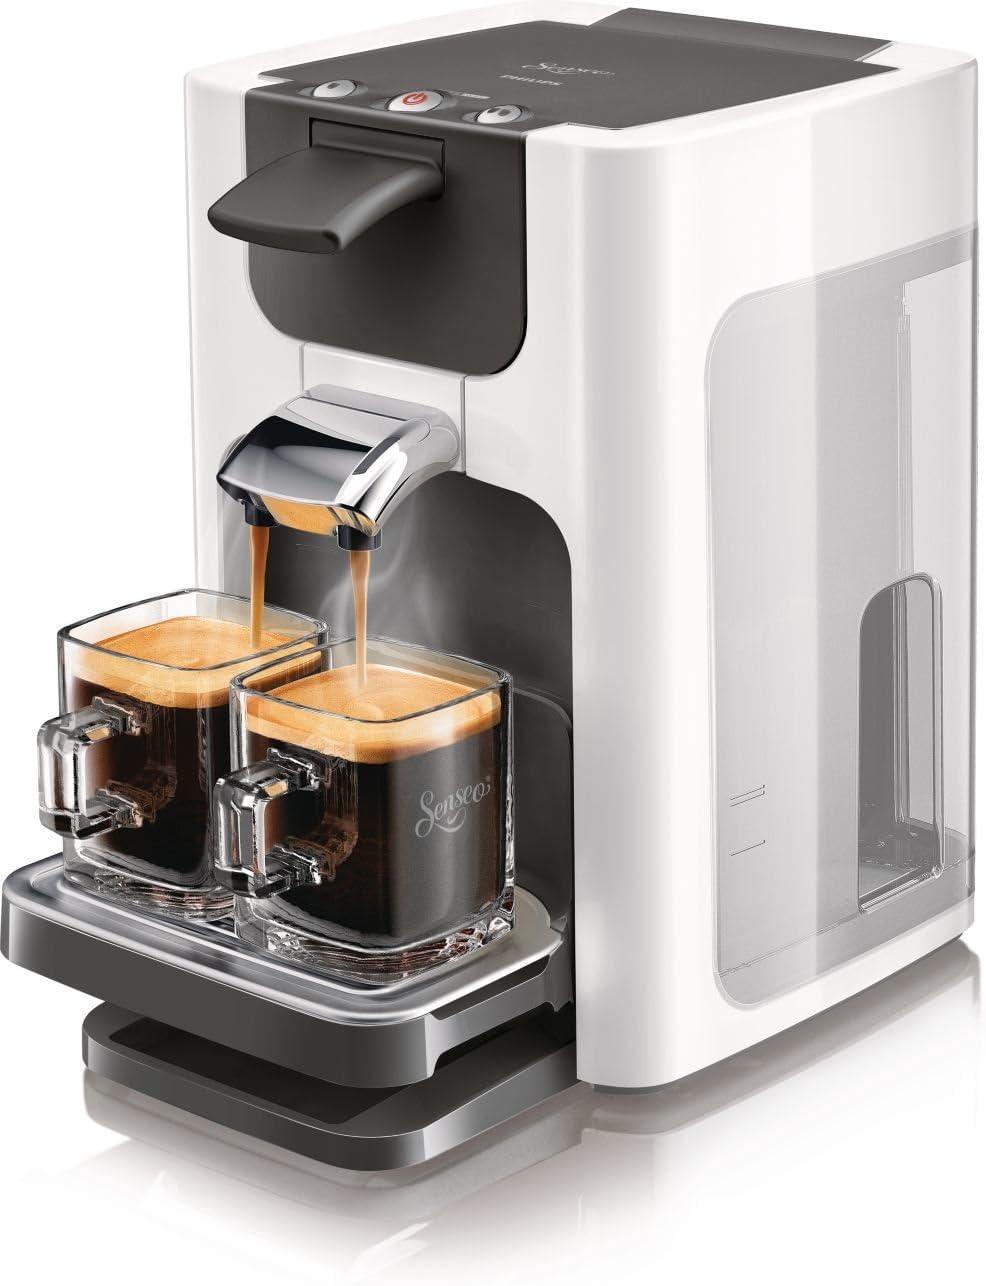 Philips Senseo Quadrante - Cafetera monodosis, color blanco (importada): Amazon.es: Hogar